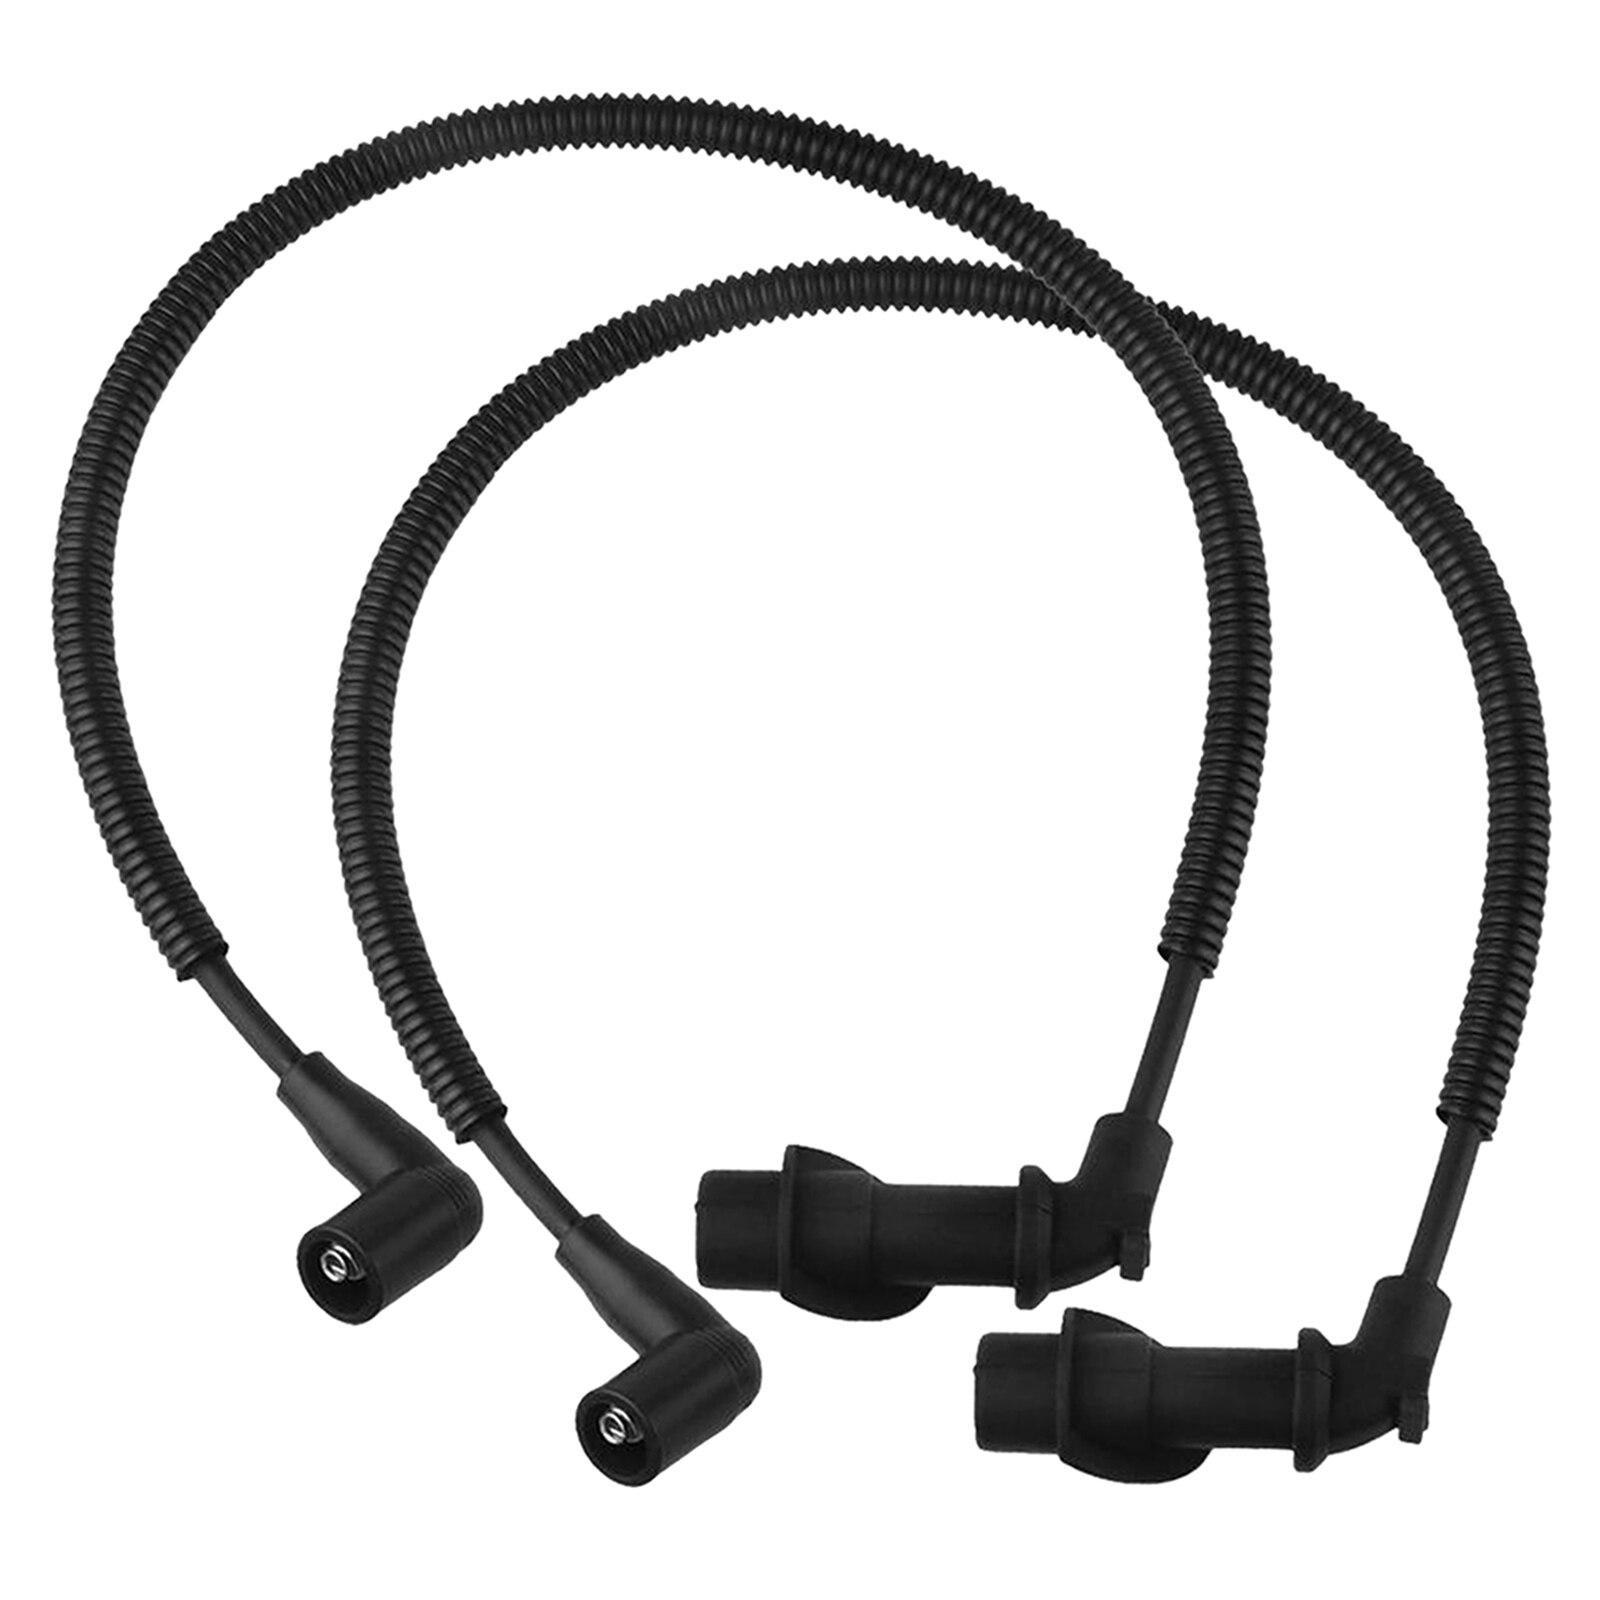 2 шт. провода катушки зажигания свечи зажигания для Polaris Sportsman 800 2005-2014 запасные части